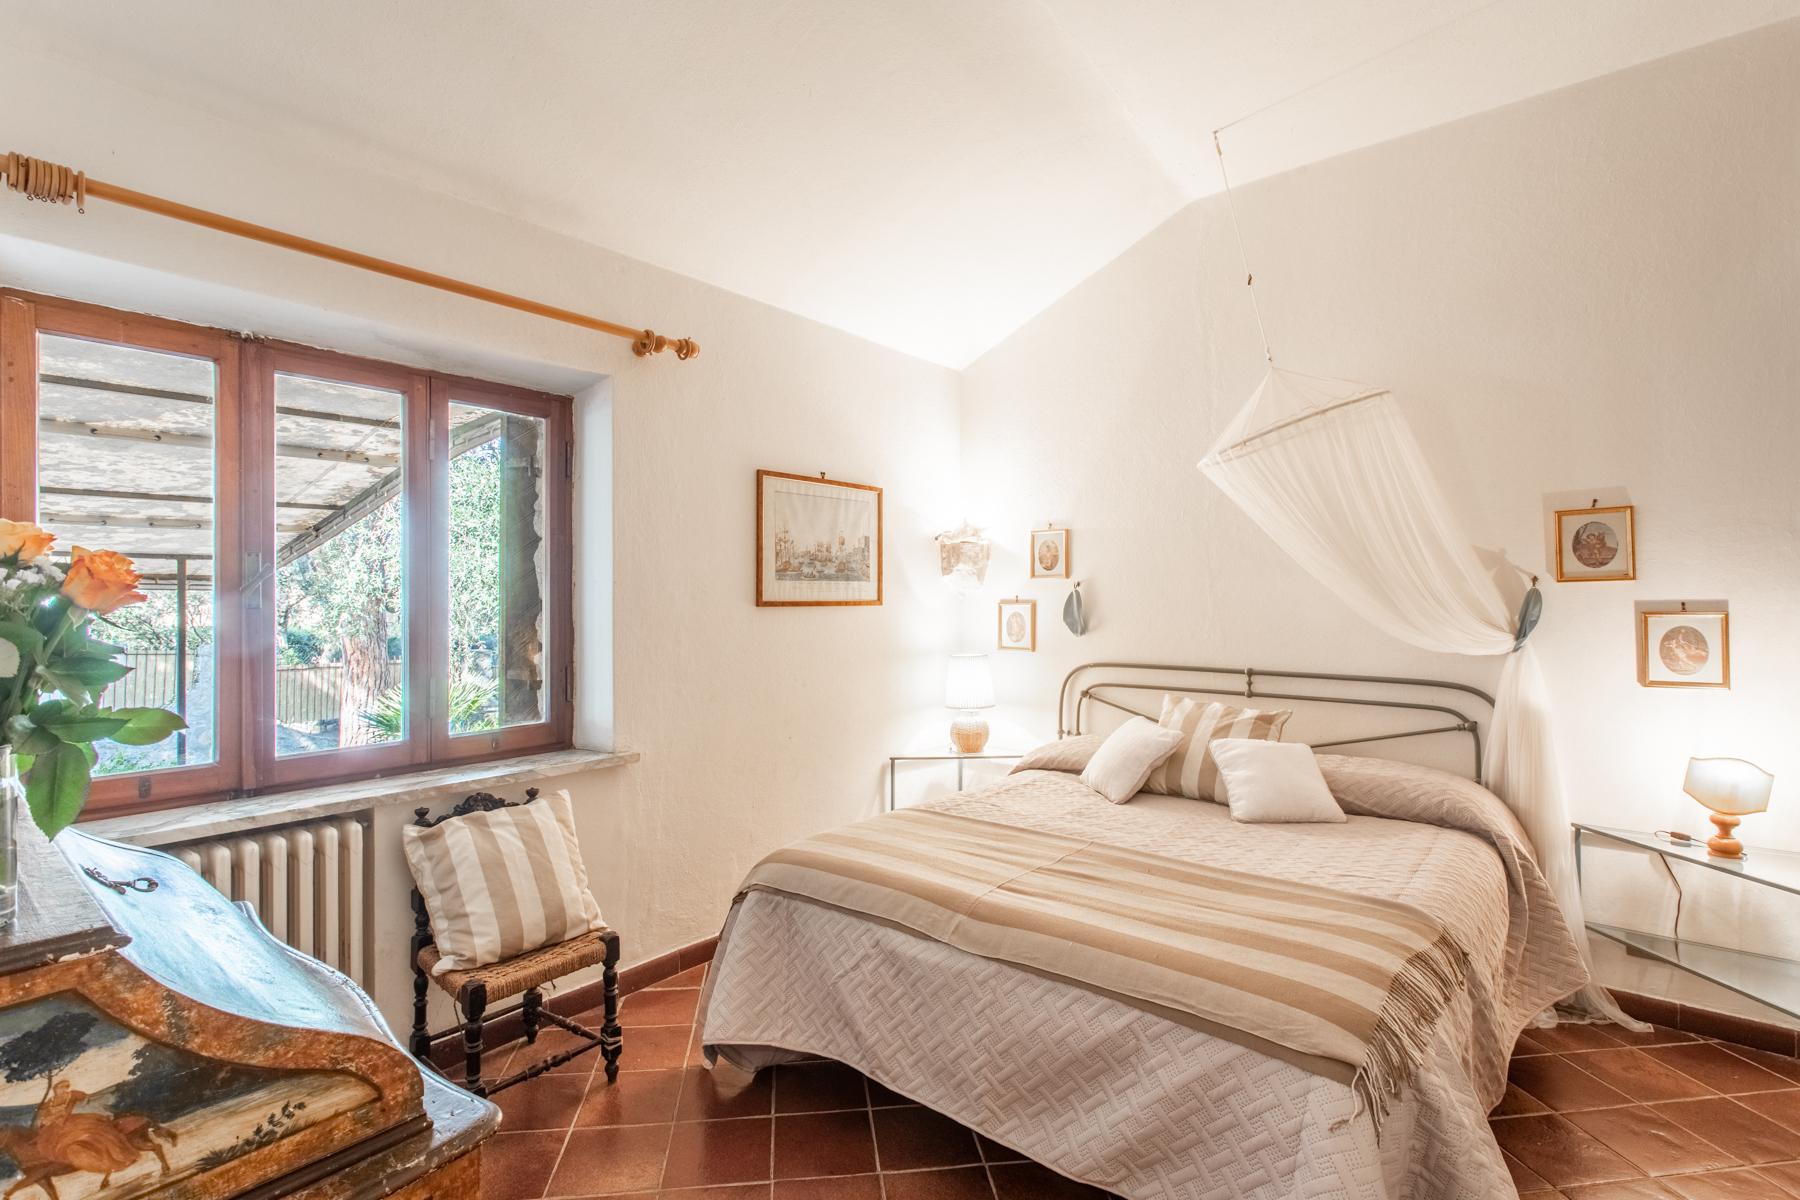 Villa in Vendita a Orbetello: 5 locali, 240 mq - Foto 21